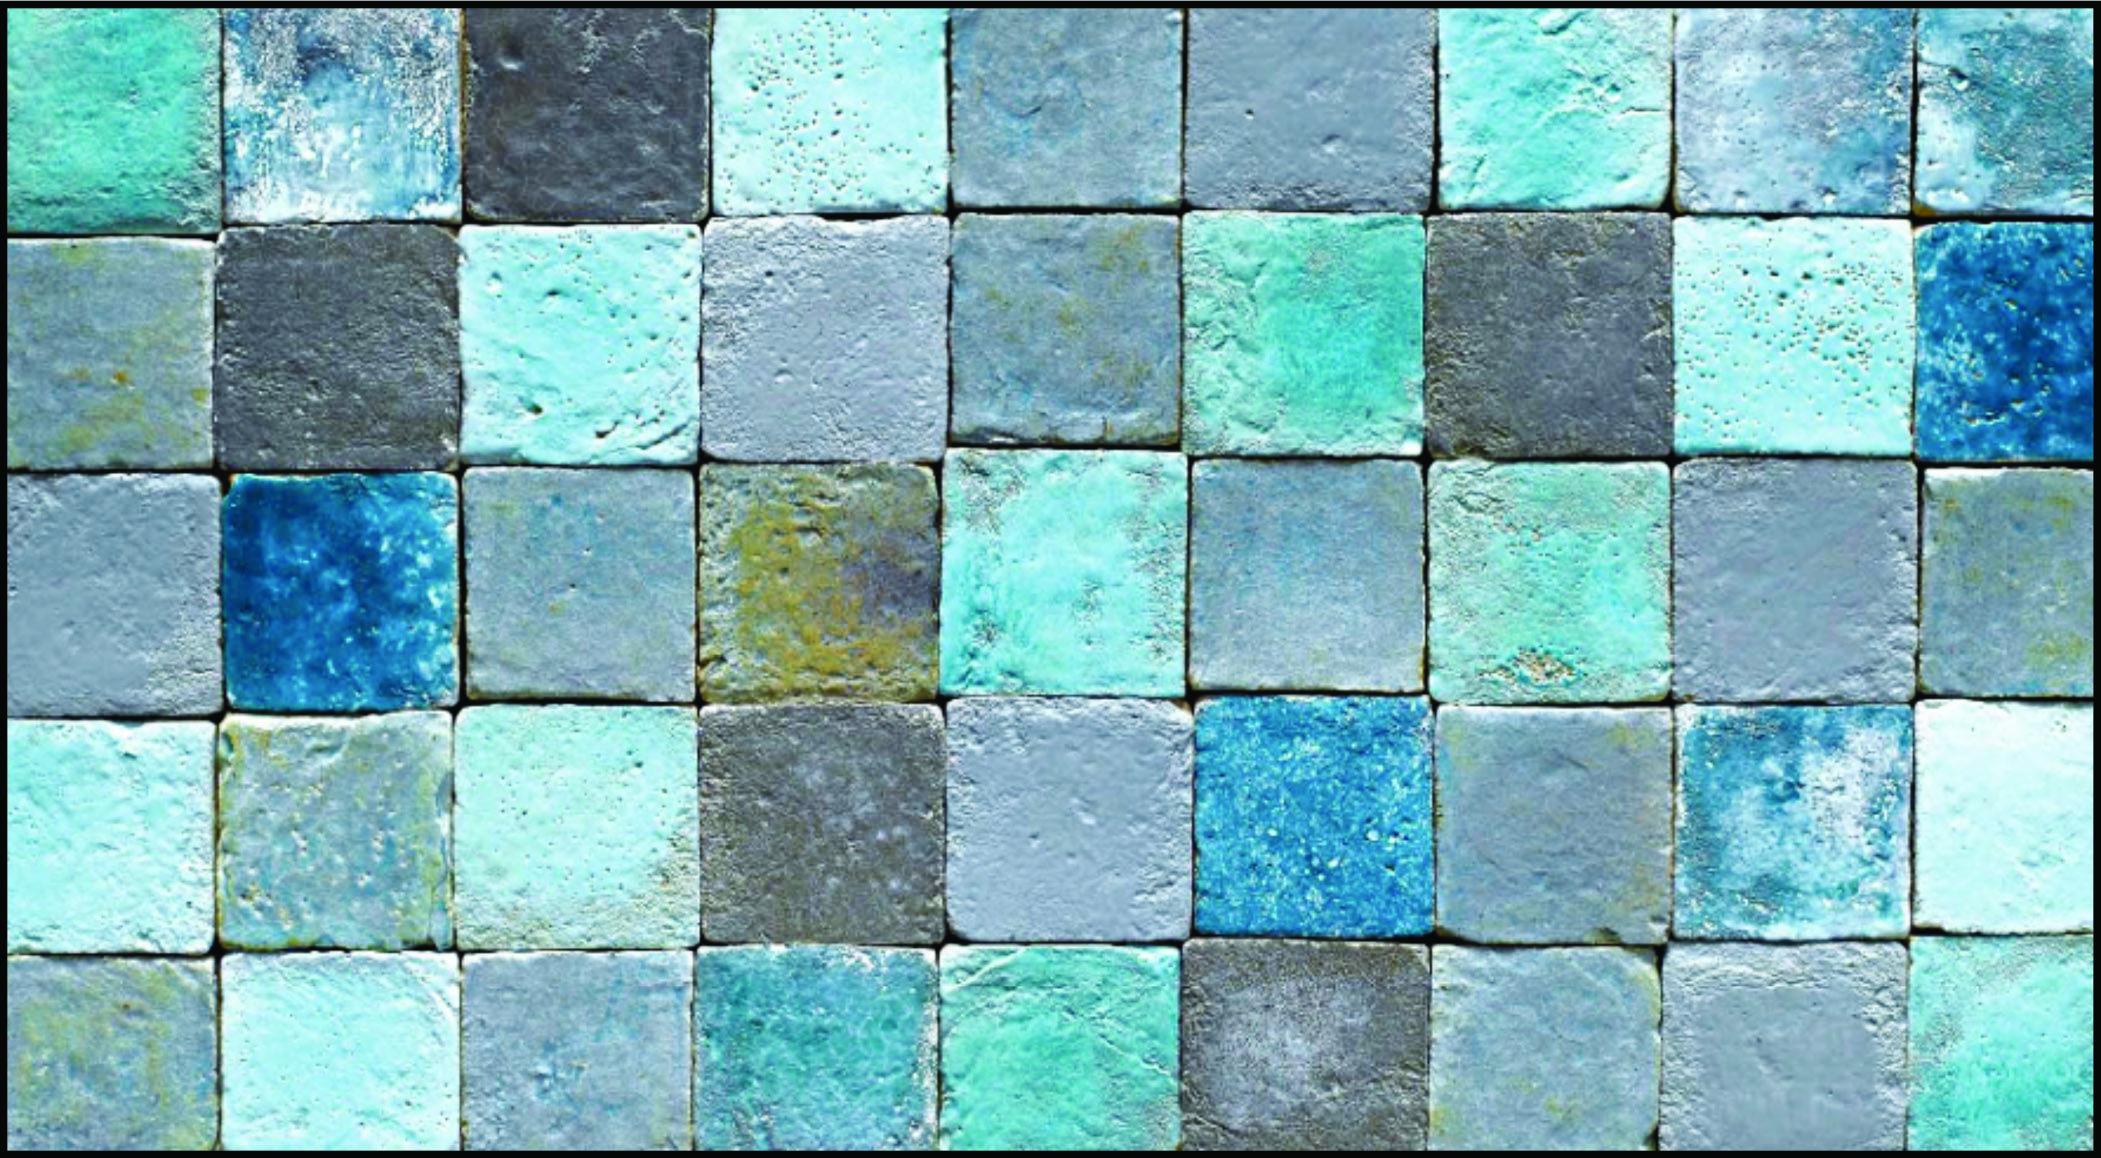 ägyptisches badezimmerdekor azzuro handmade terracotta tiles  stonemakerberlin in